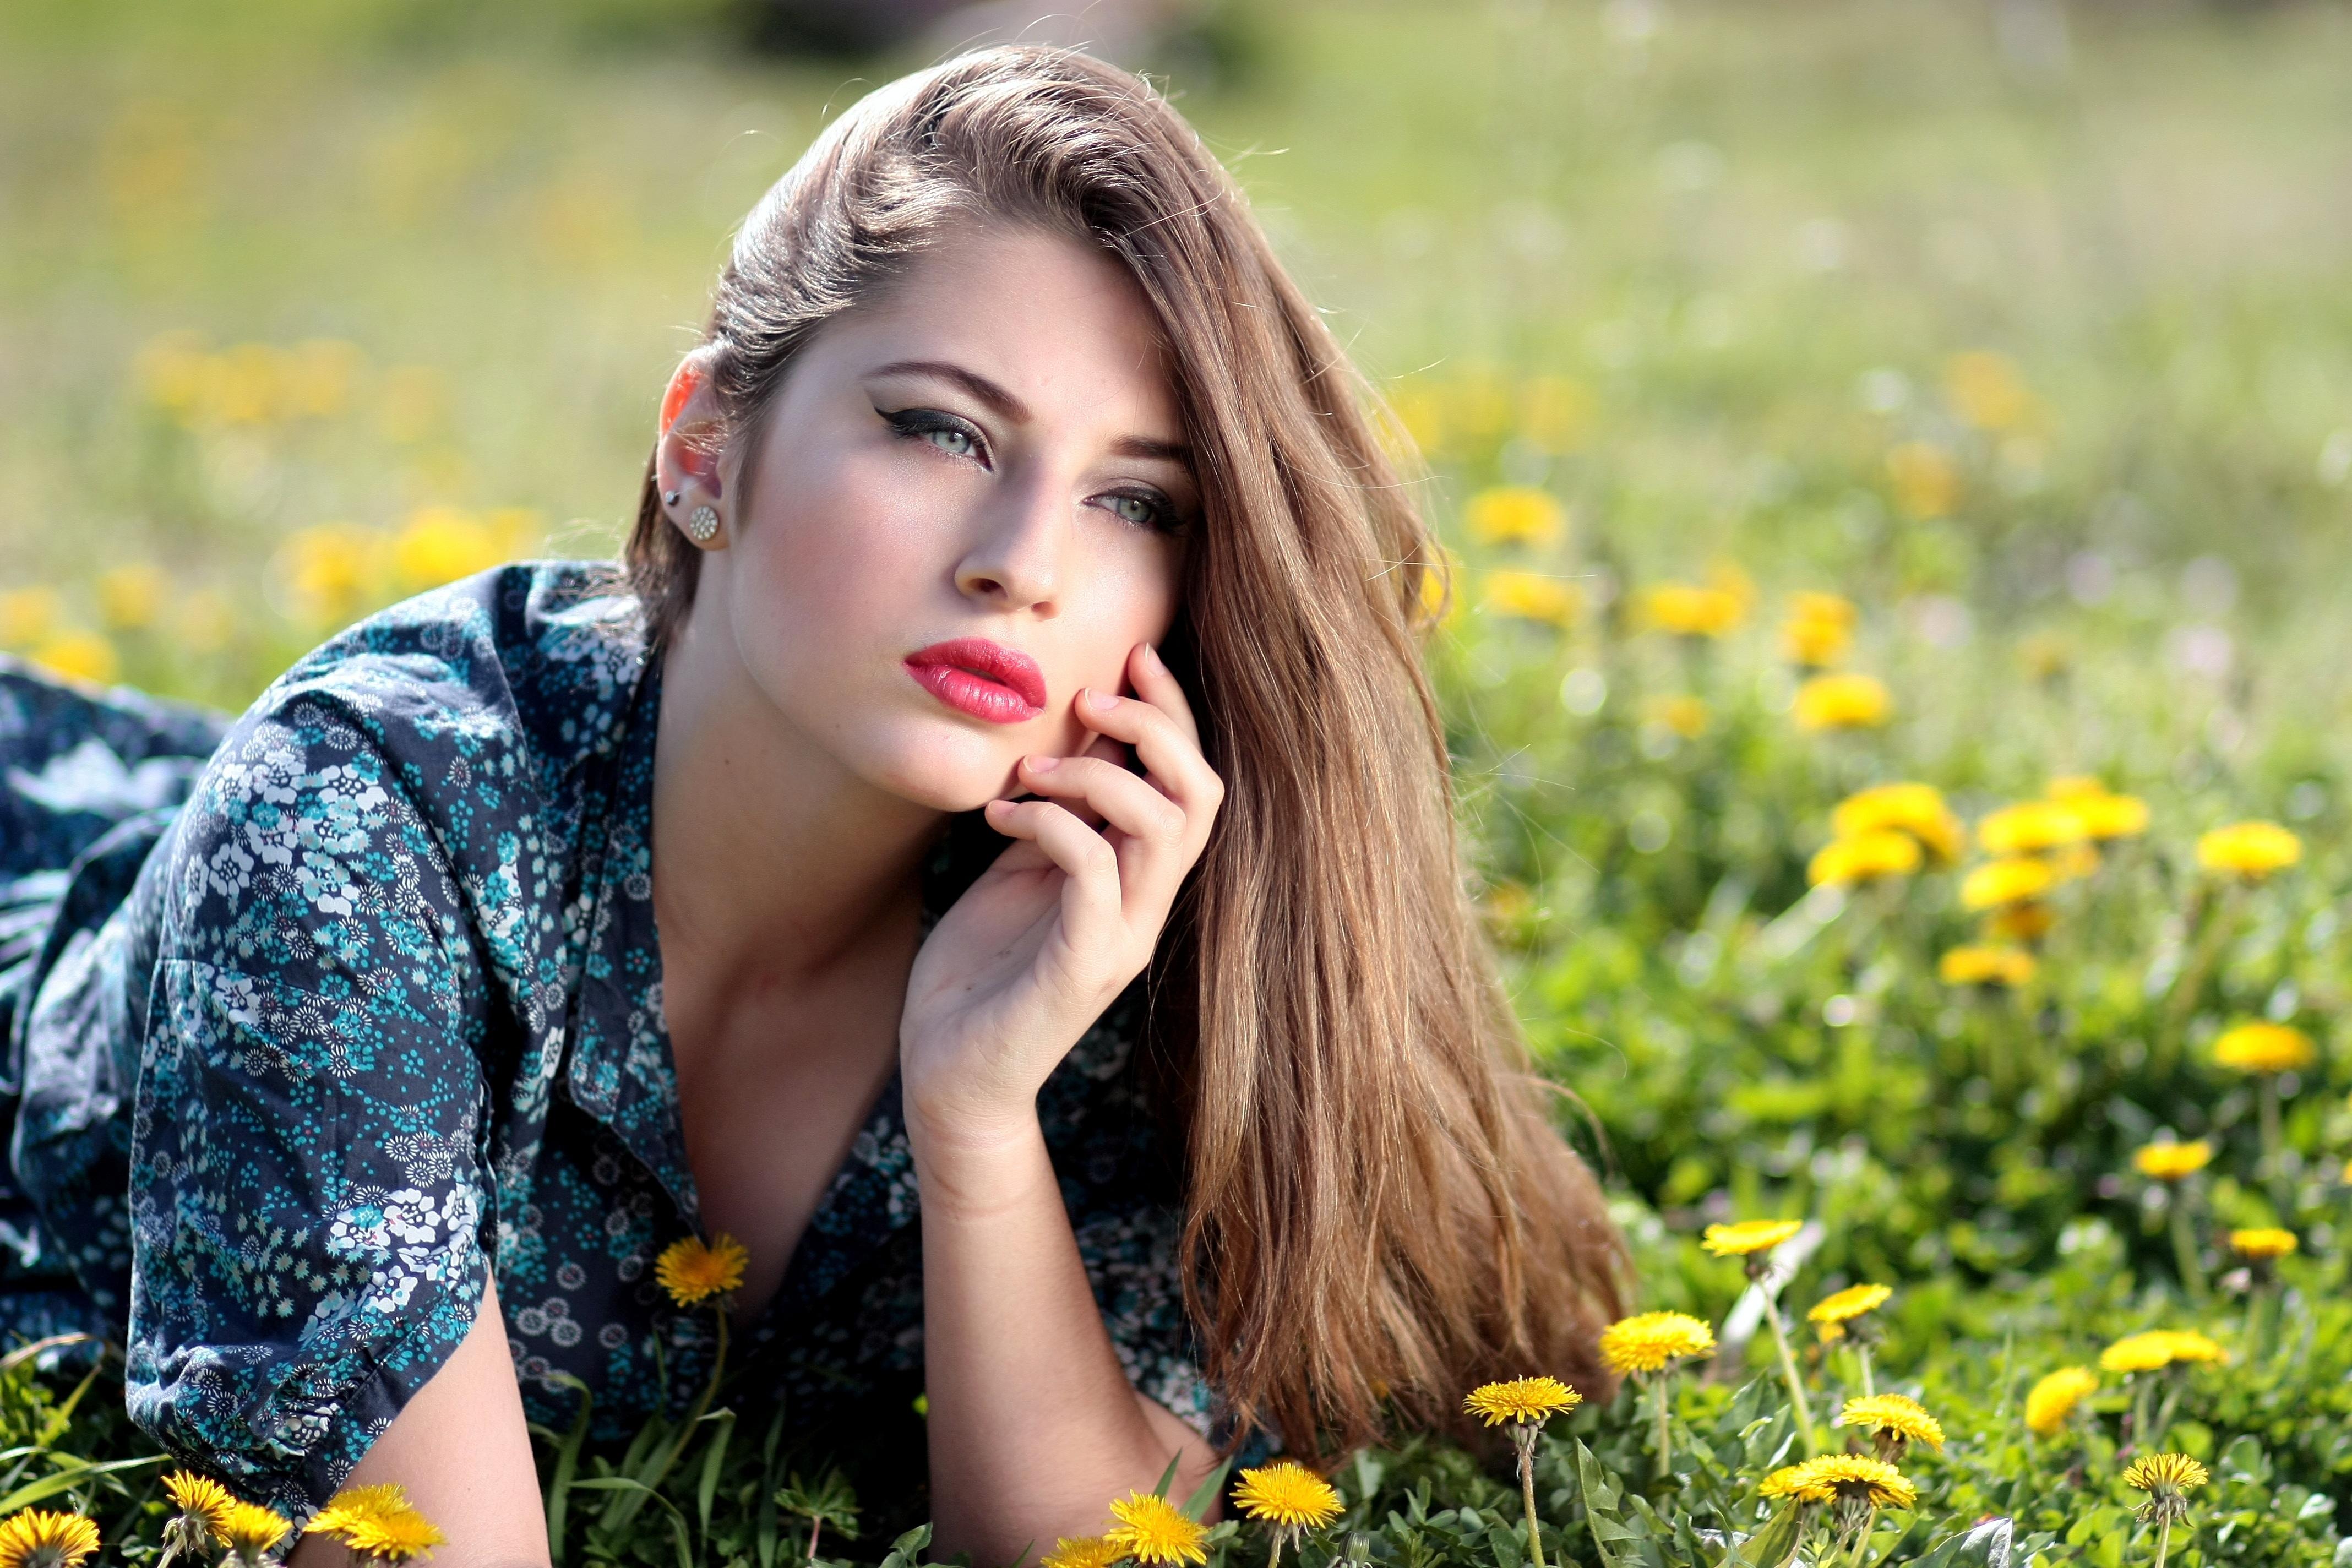 Girl #6